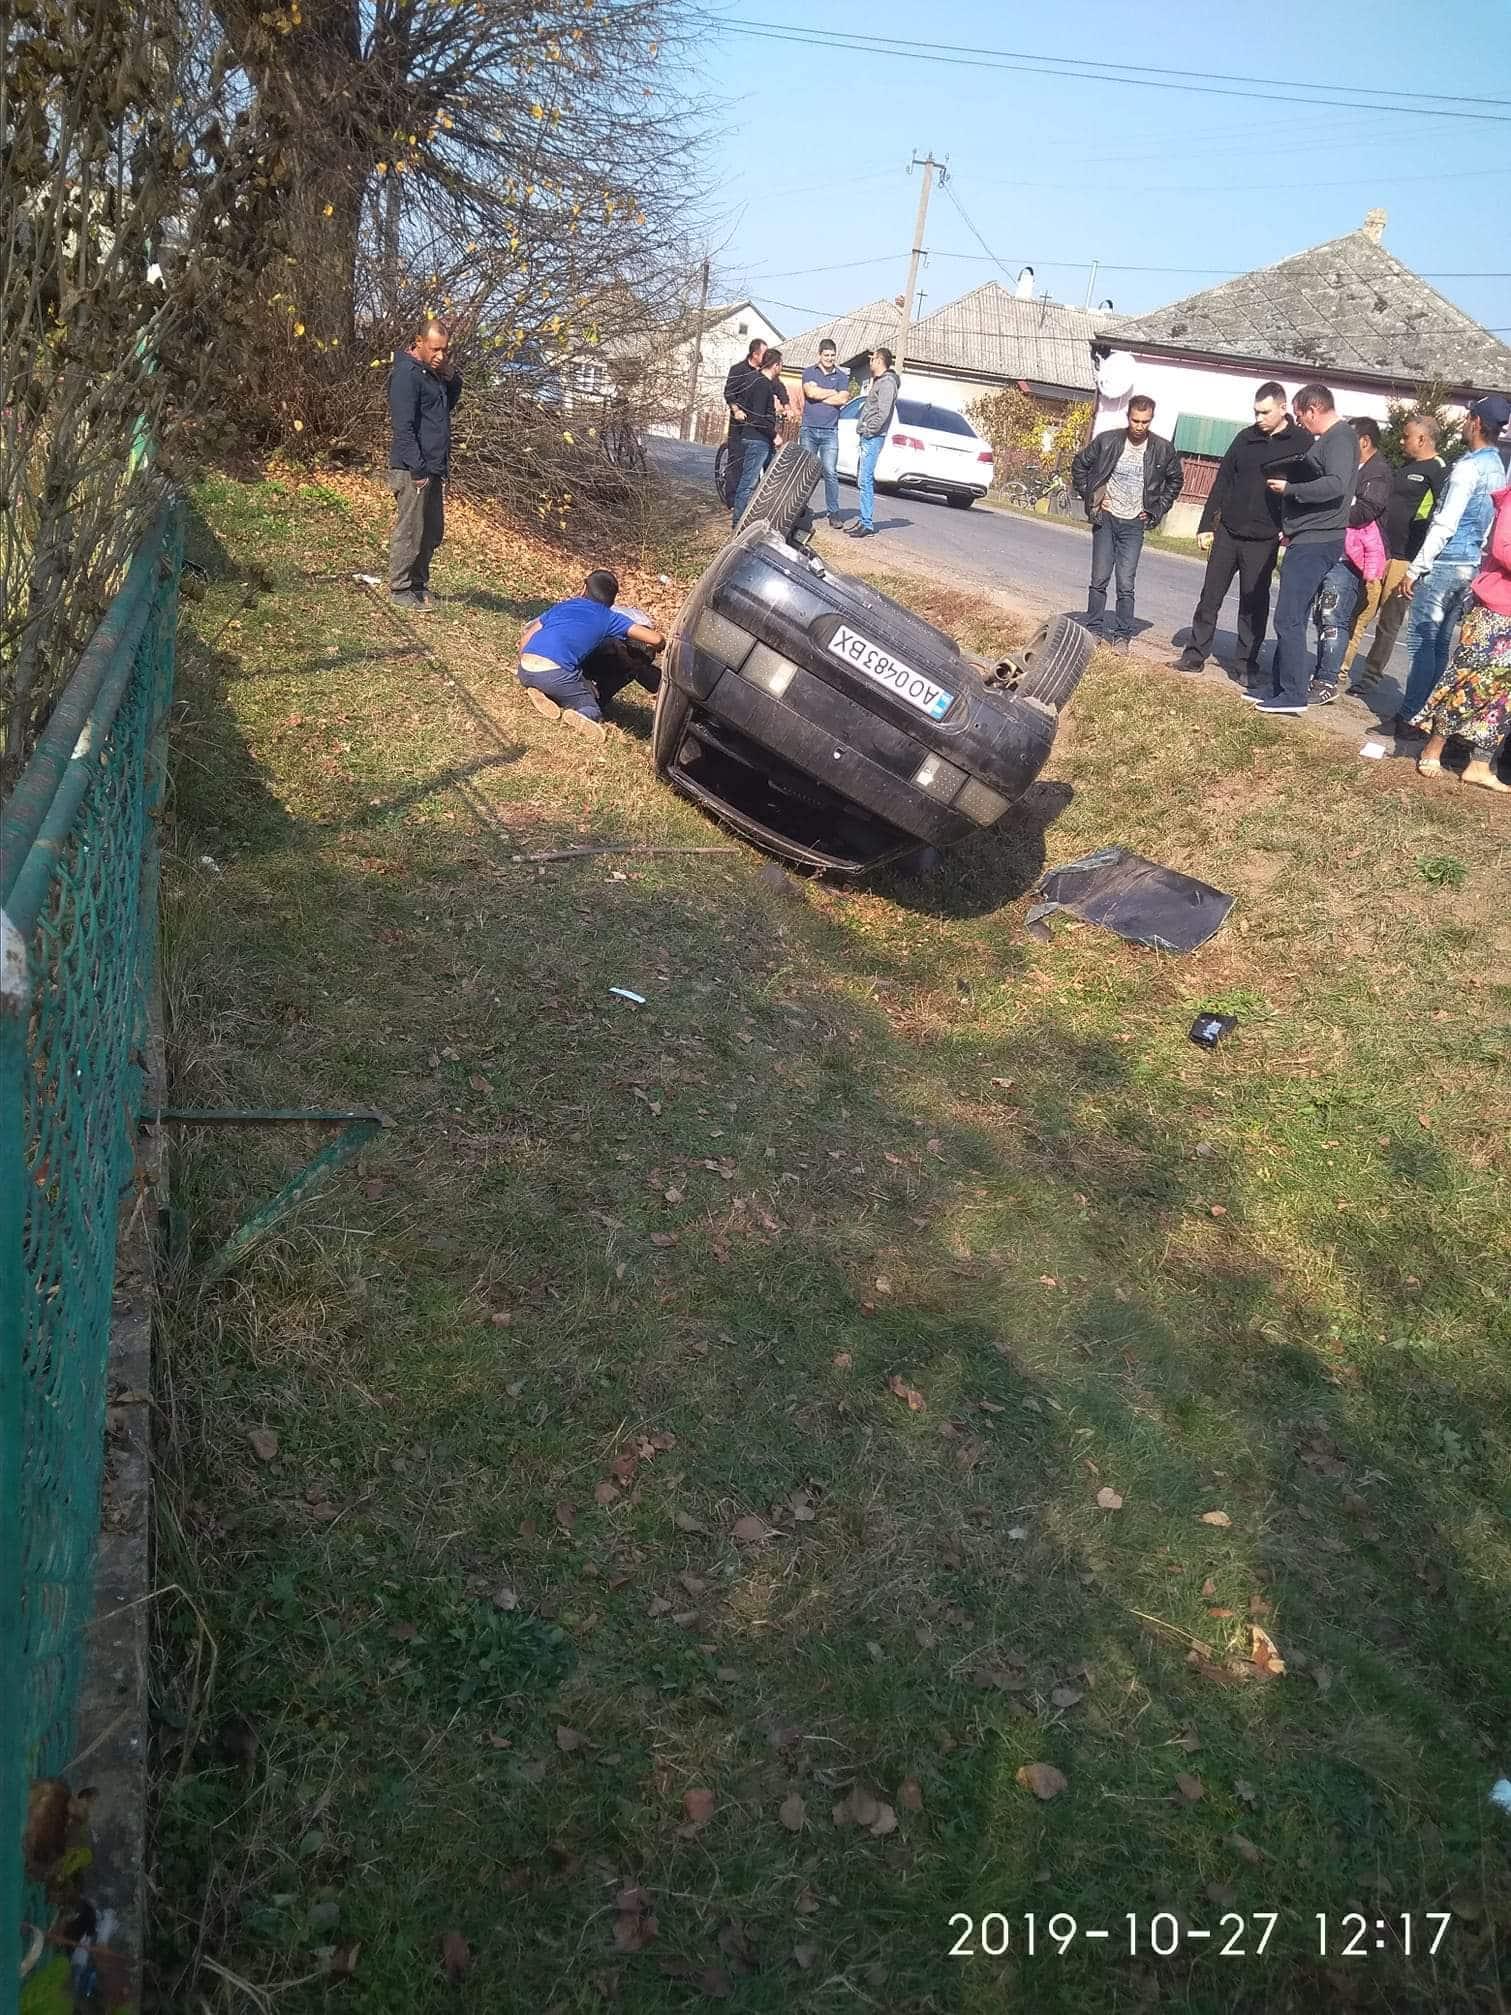 Аварія сталася у селі Мирча, Великоберезнянського району. Найбільше постраждали пішоходи, а саме дідусь із внучкою, які йшли по гриби, вони у важкому стані.